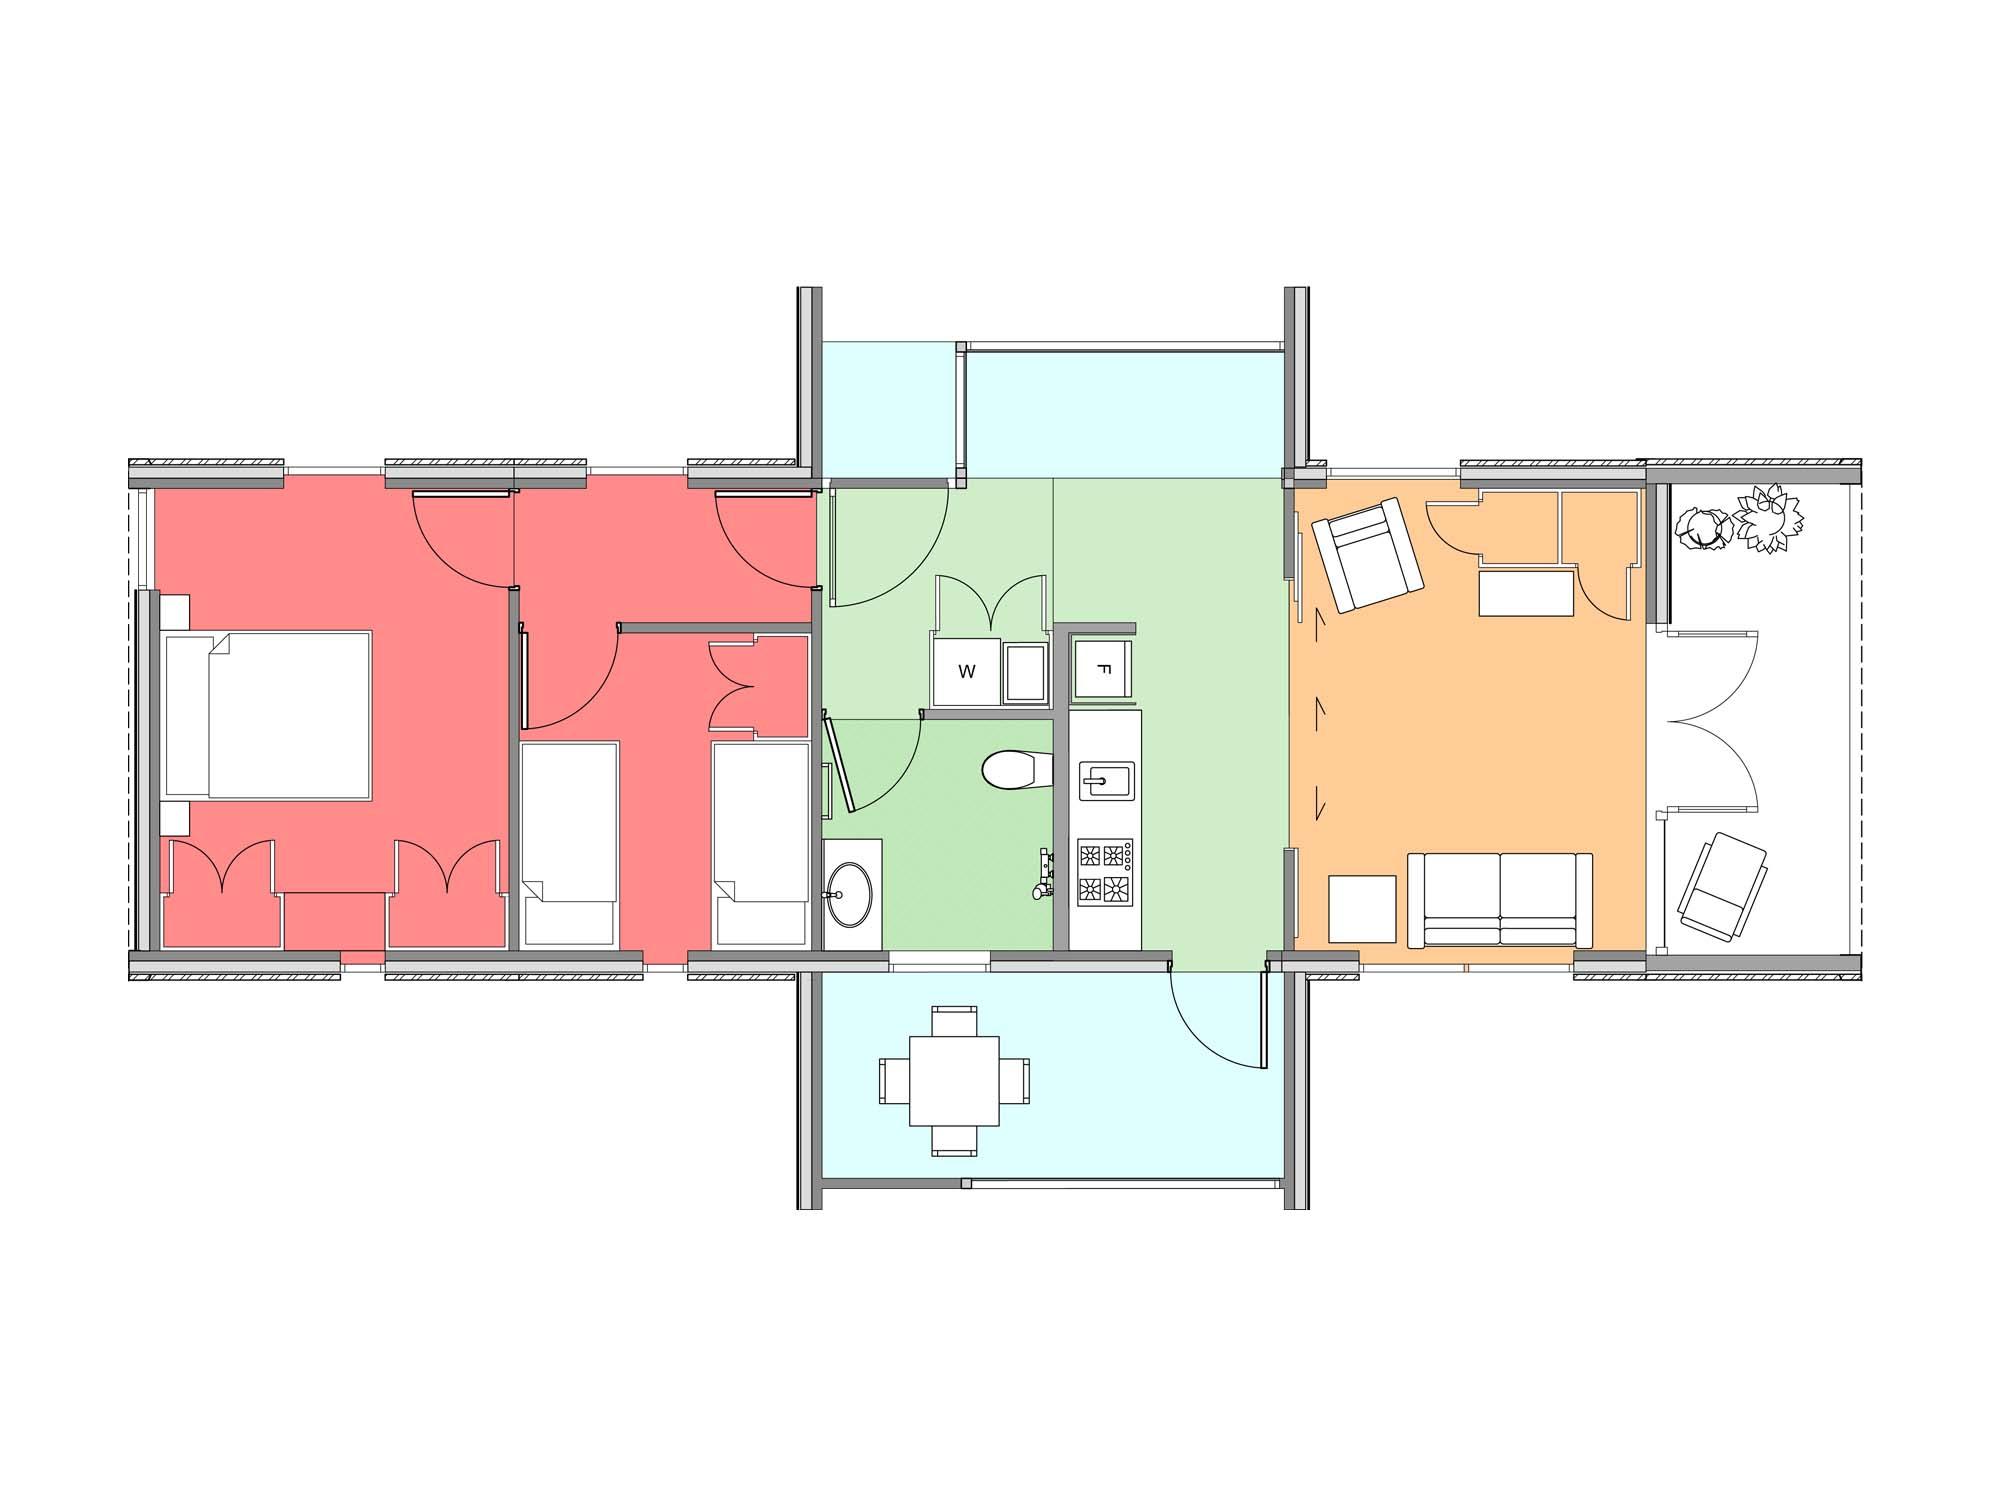 Plan of Te Whare-iti TWI 29